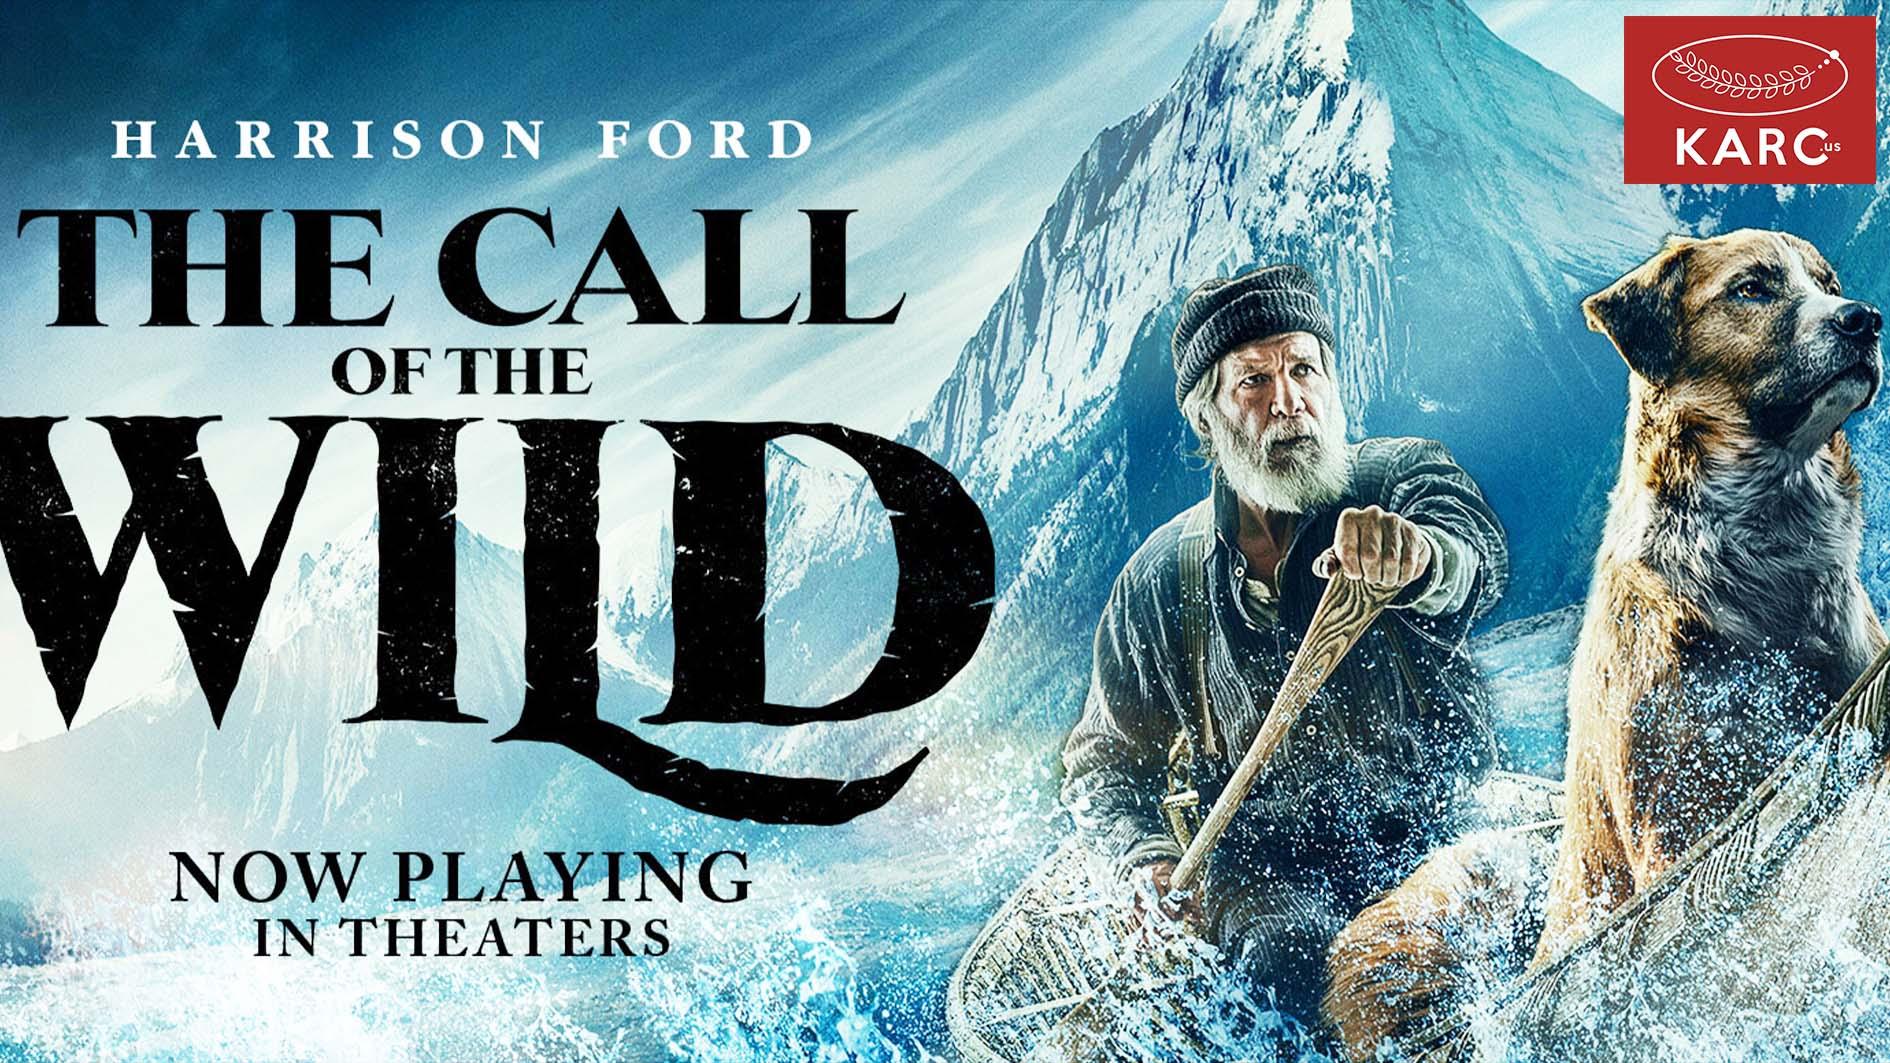 รีวิวภาพยนตร์ -- The Call of the Wild จากนวนิยายอันแสนจับใจ Jack London - Karc.us